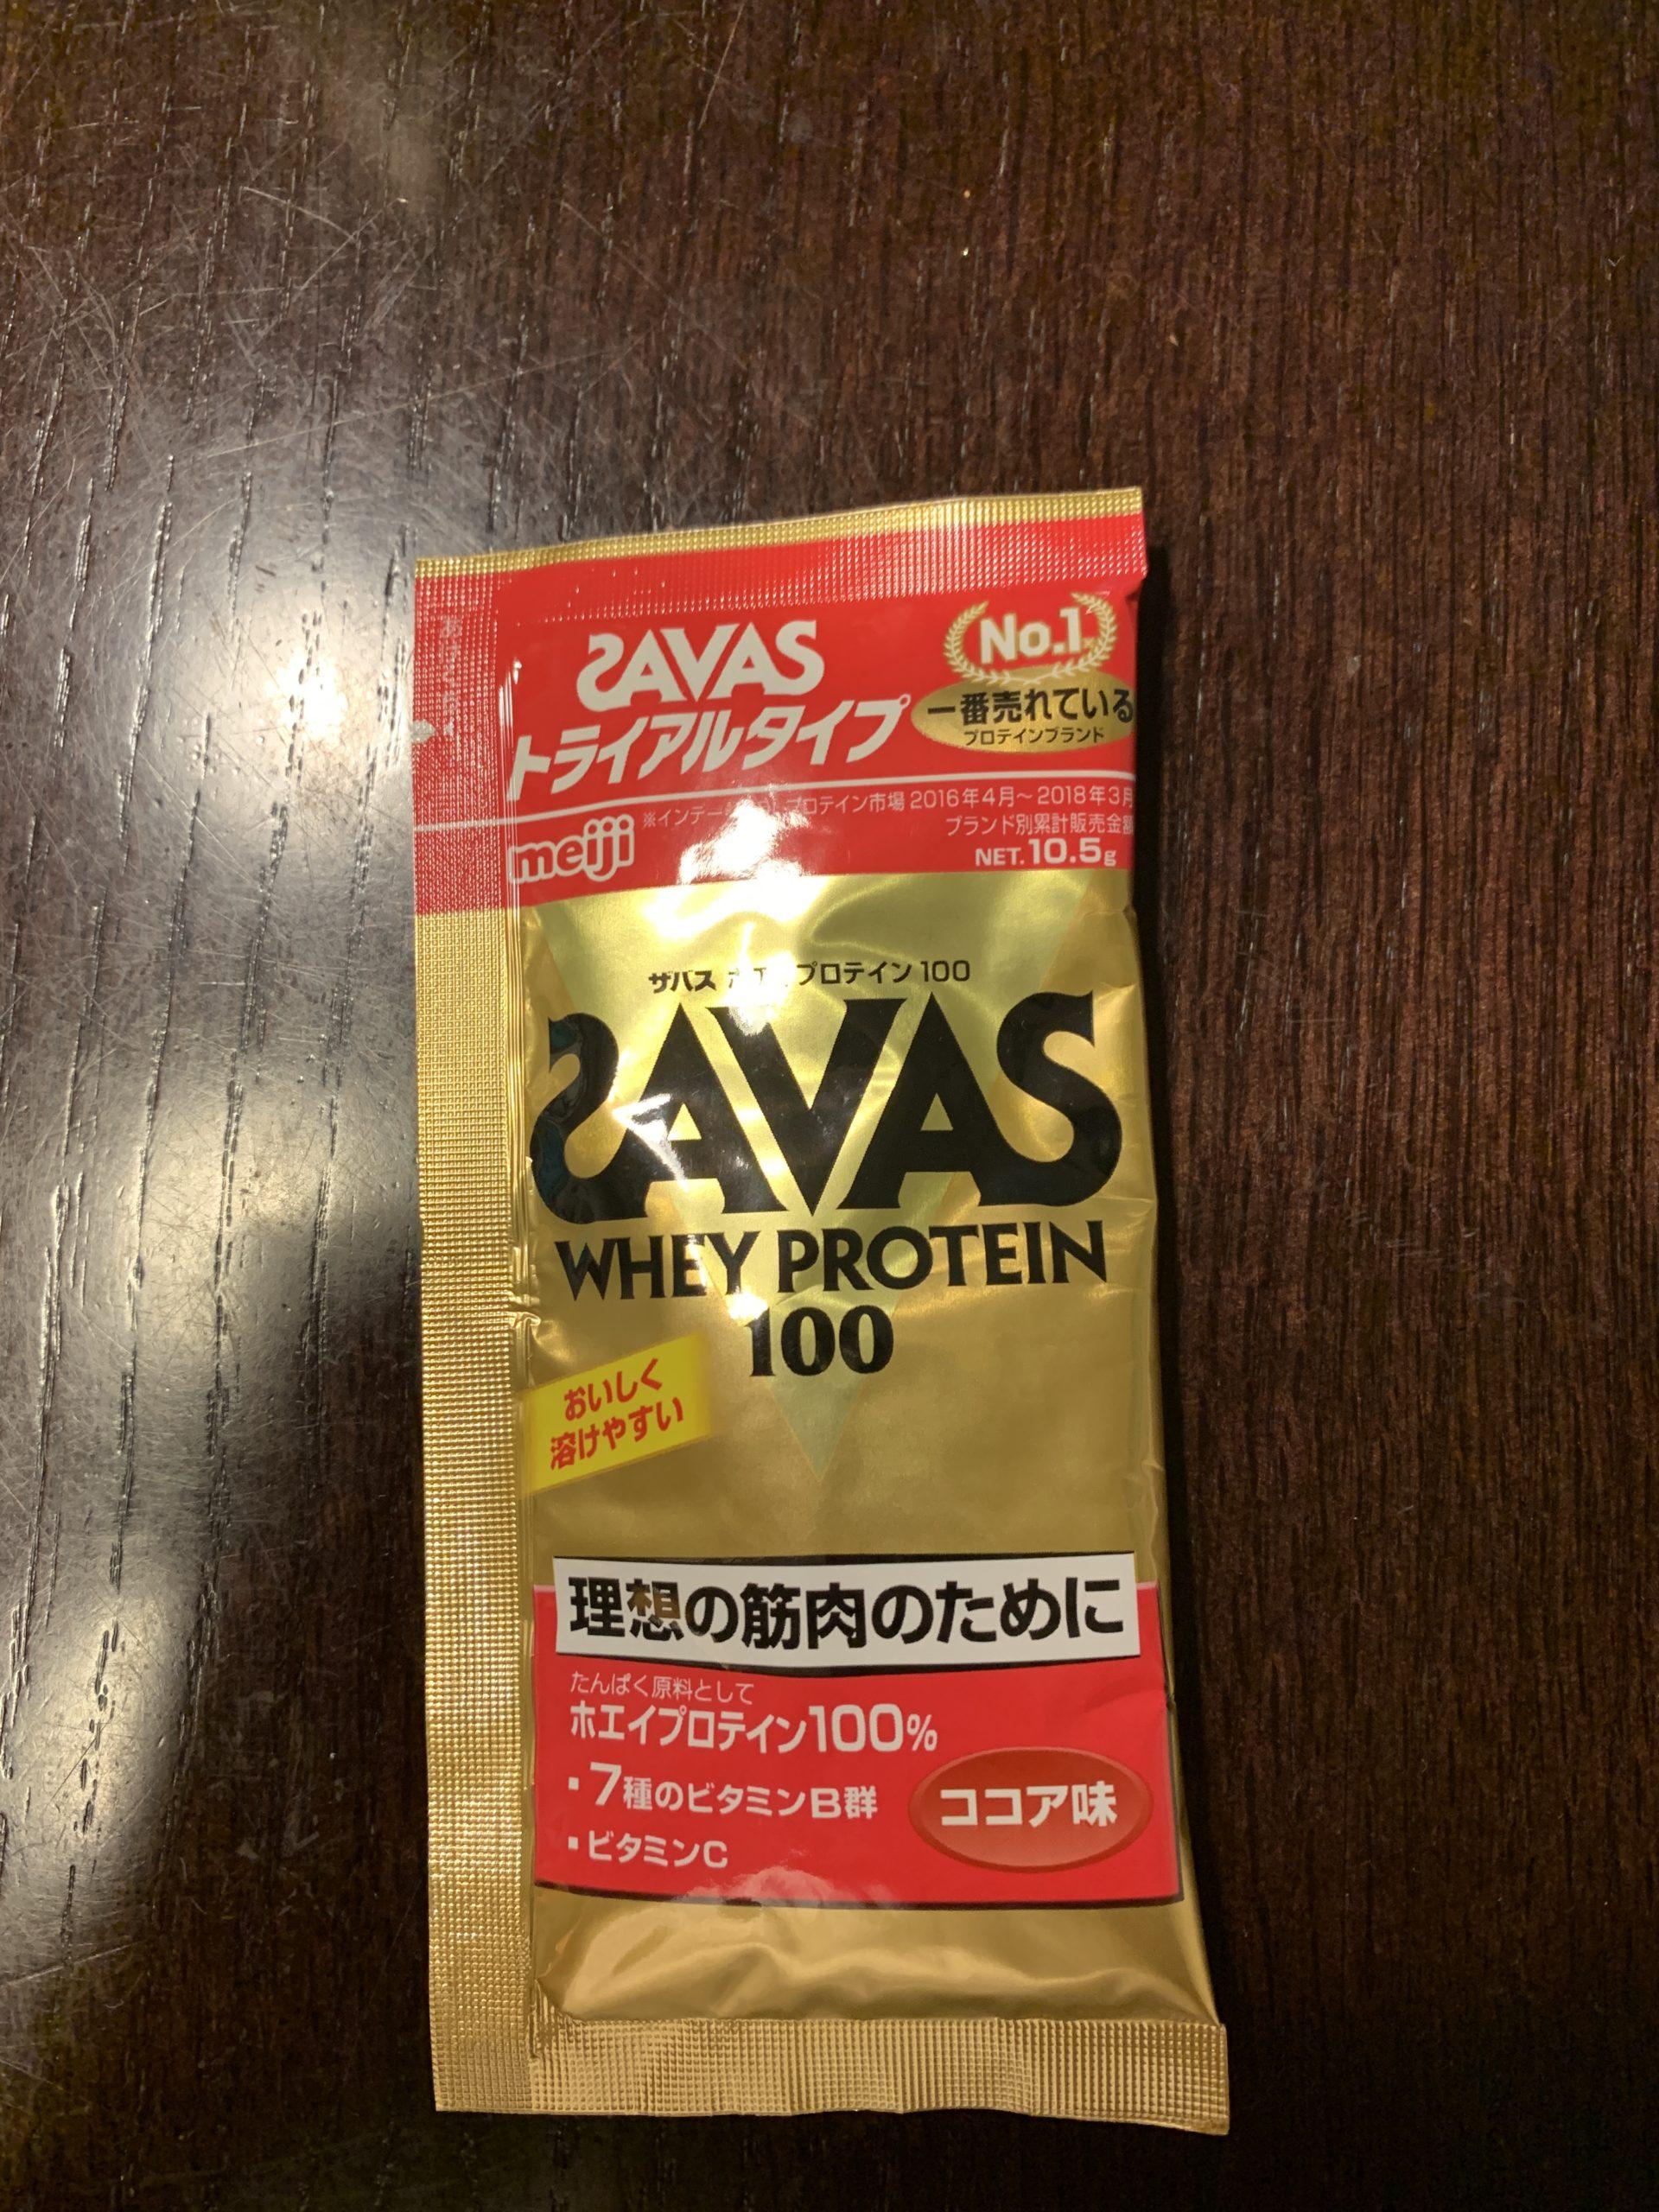 【ザバス】ホエイプロテイン100「ココア味」評価データ